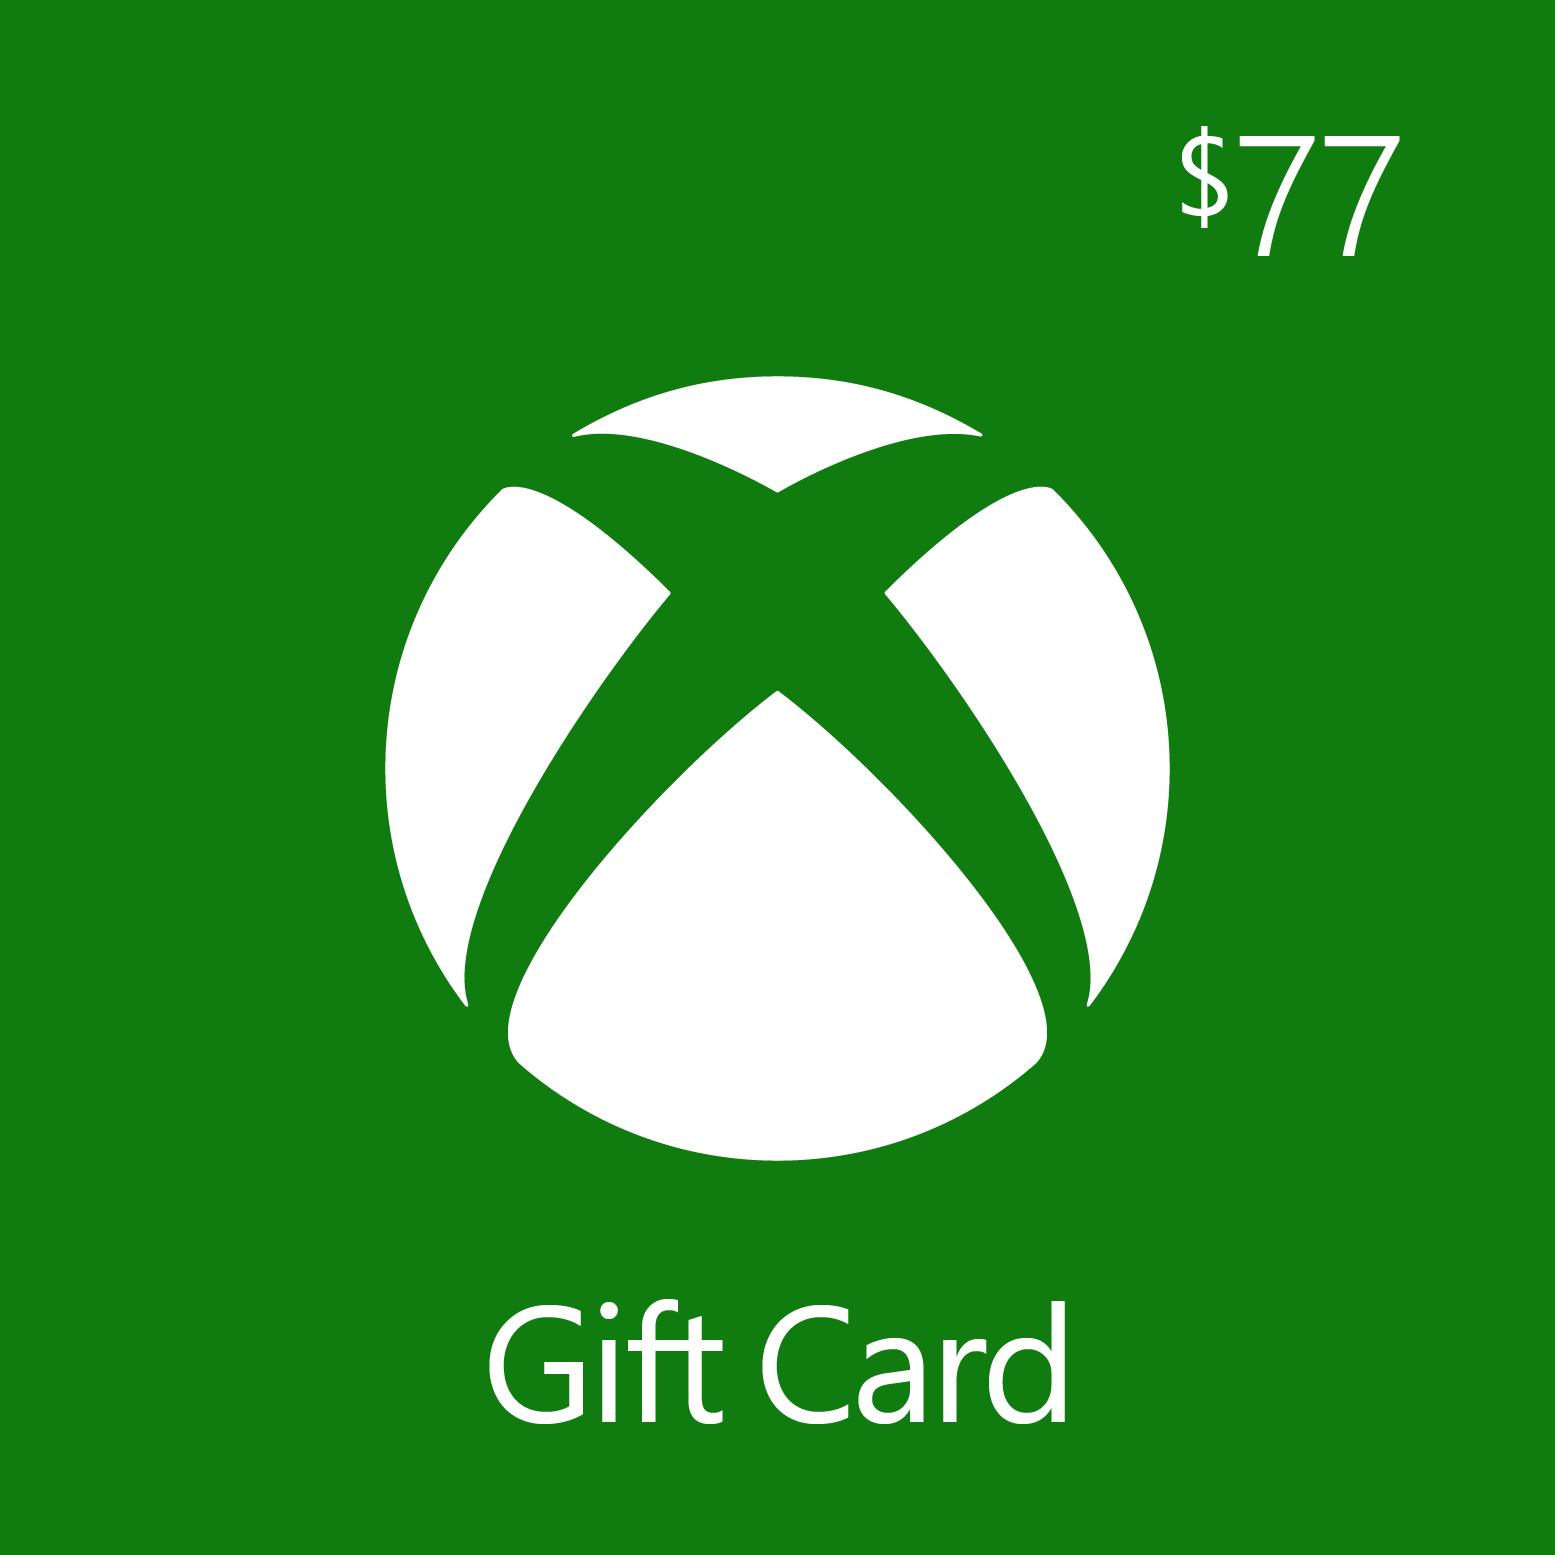 $77.00 Xbox Digital Gift Card